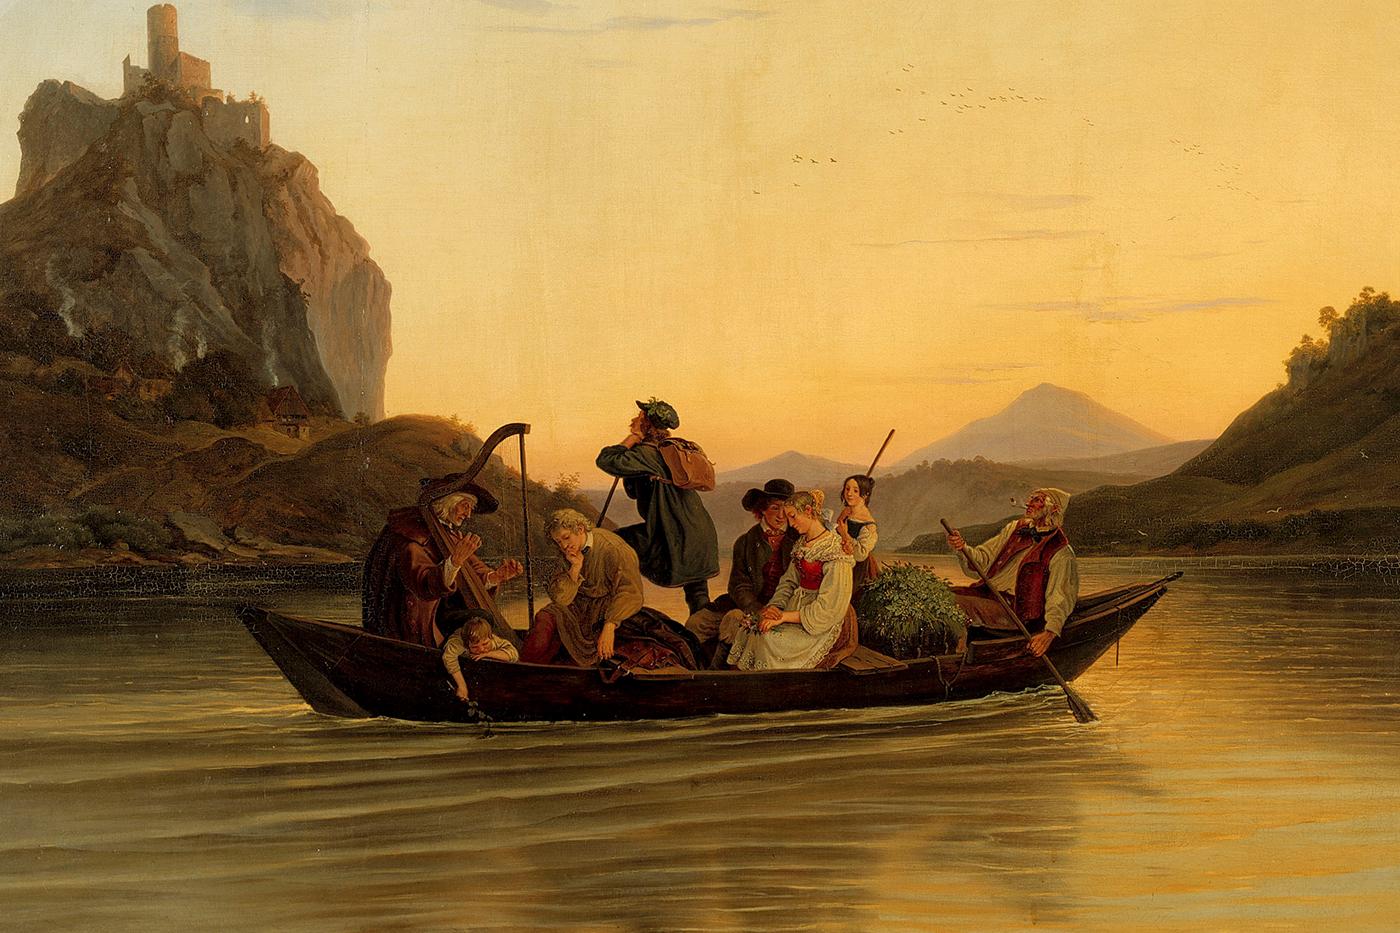 Überfahrt am Schreckenstein von Ludwig Richter, 1840